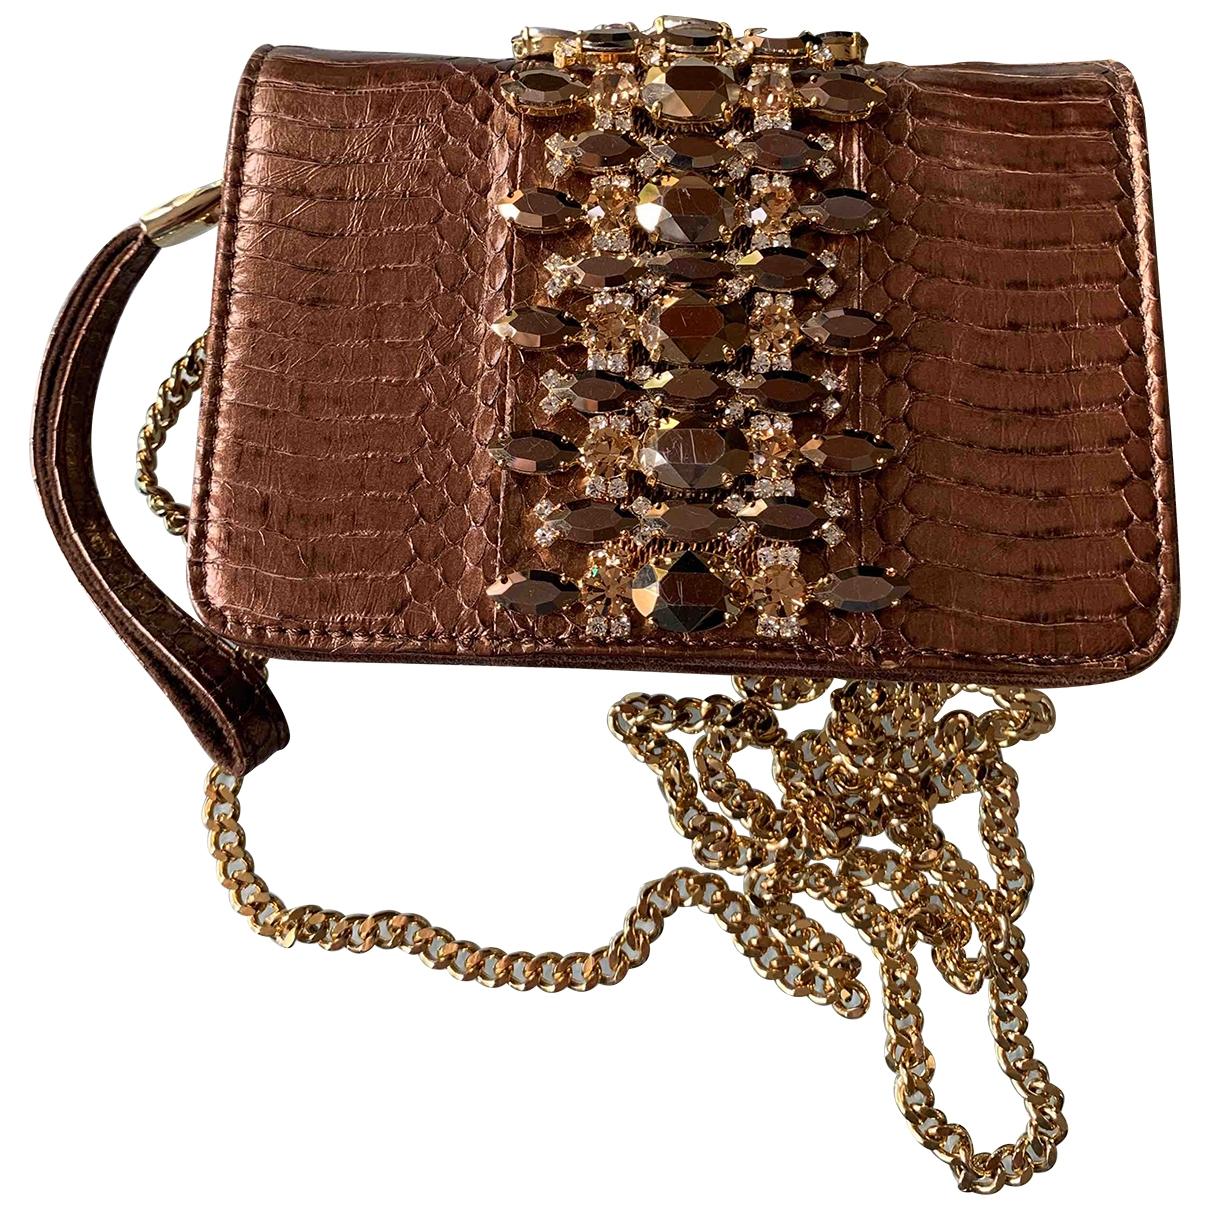 Emanuela Caruso Capri \N Metallic Lizard handbag for Women \N